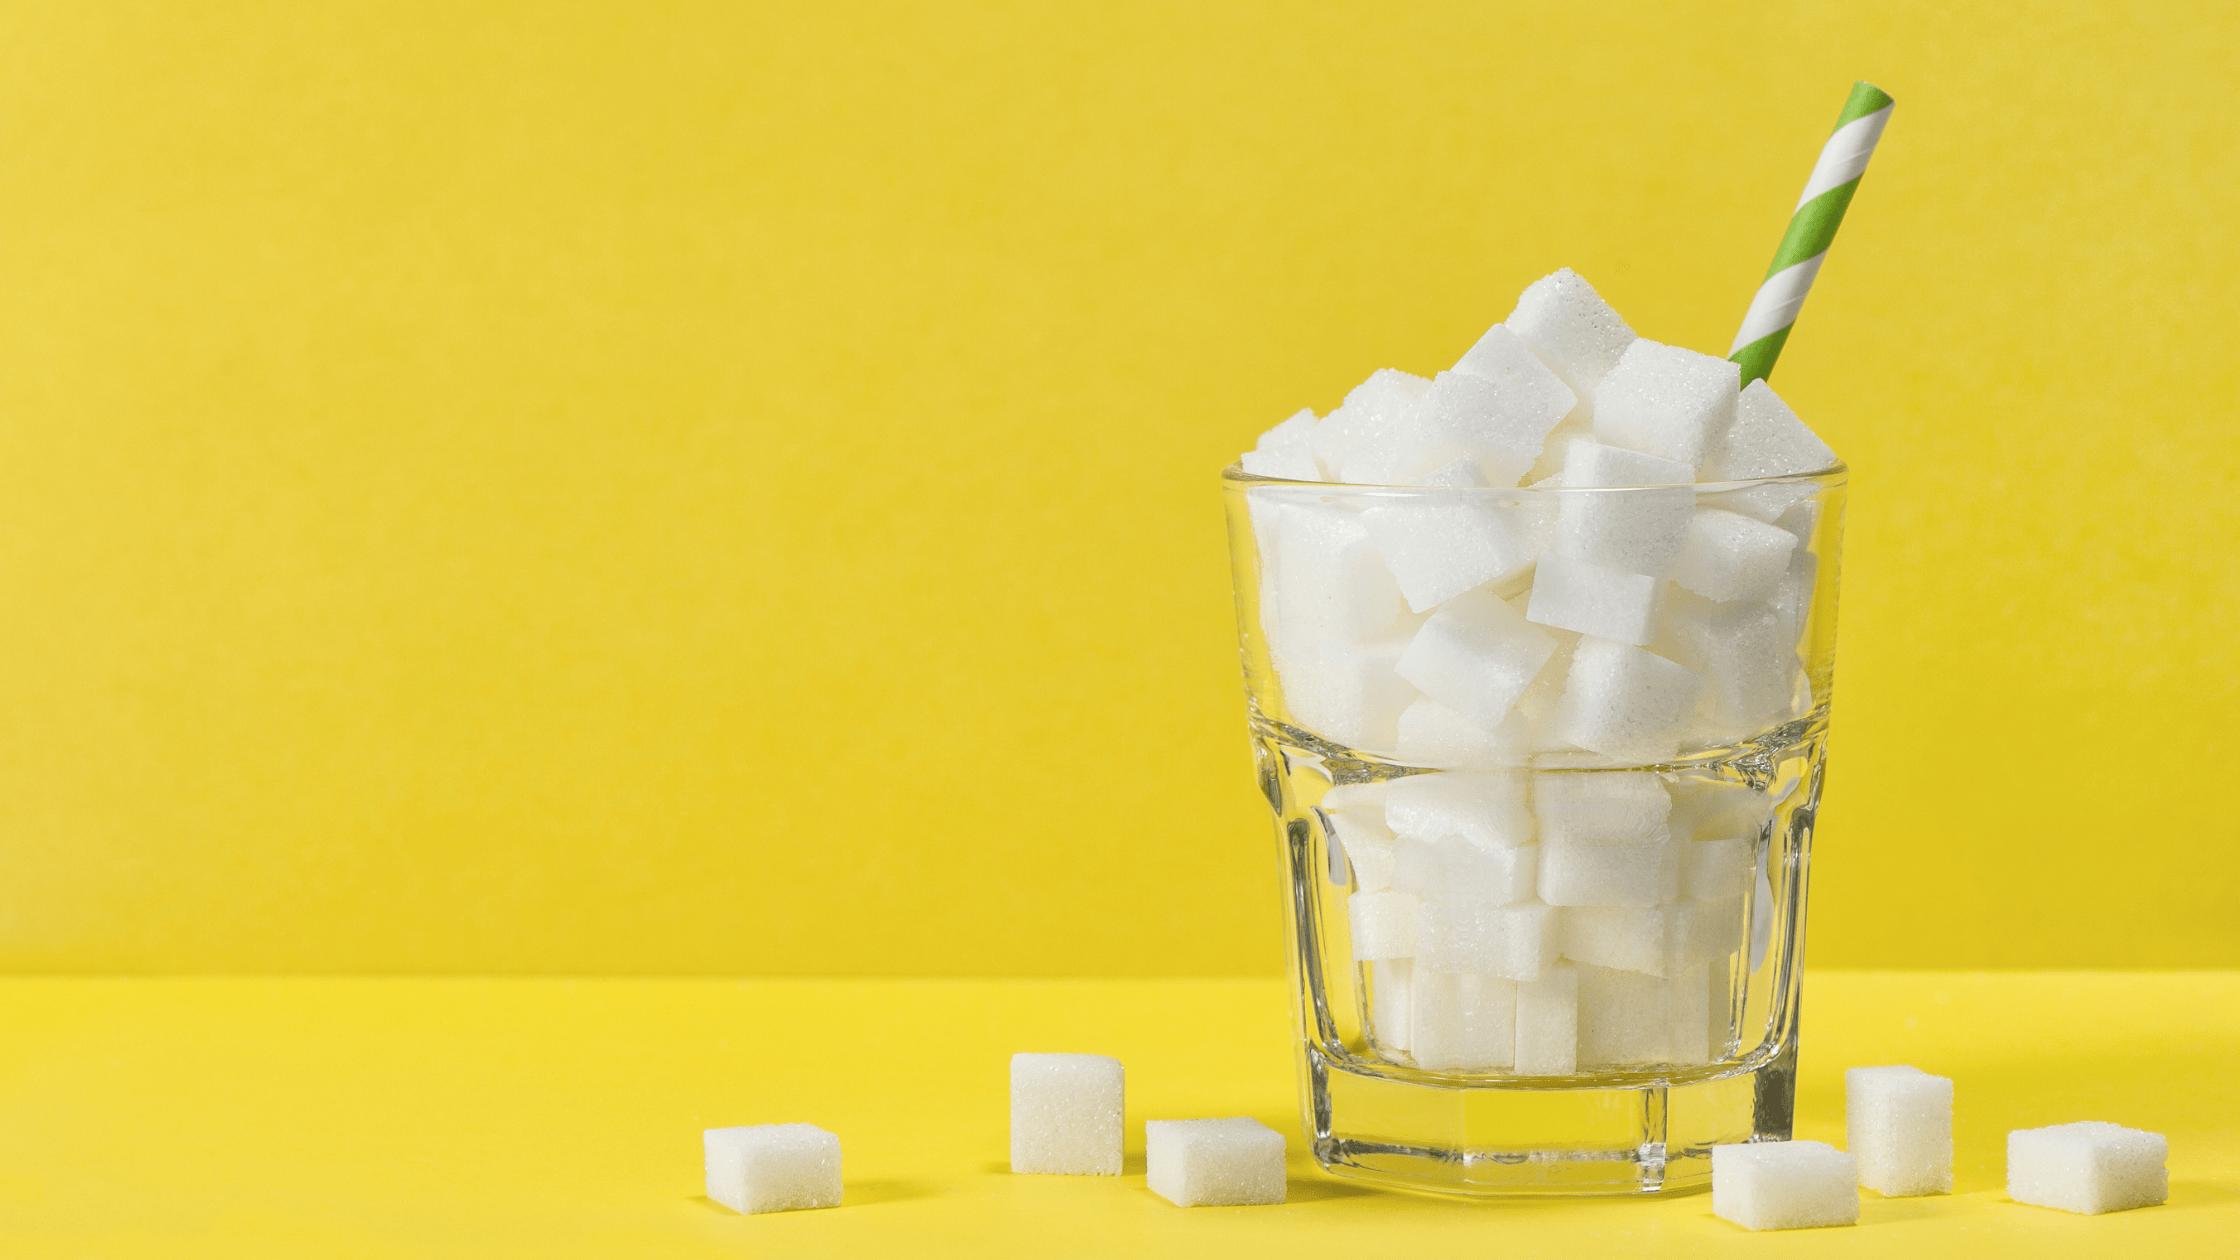 sugar in glass